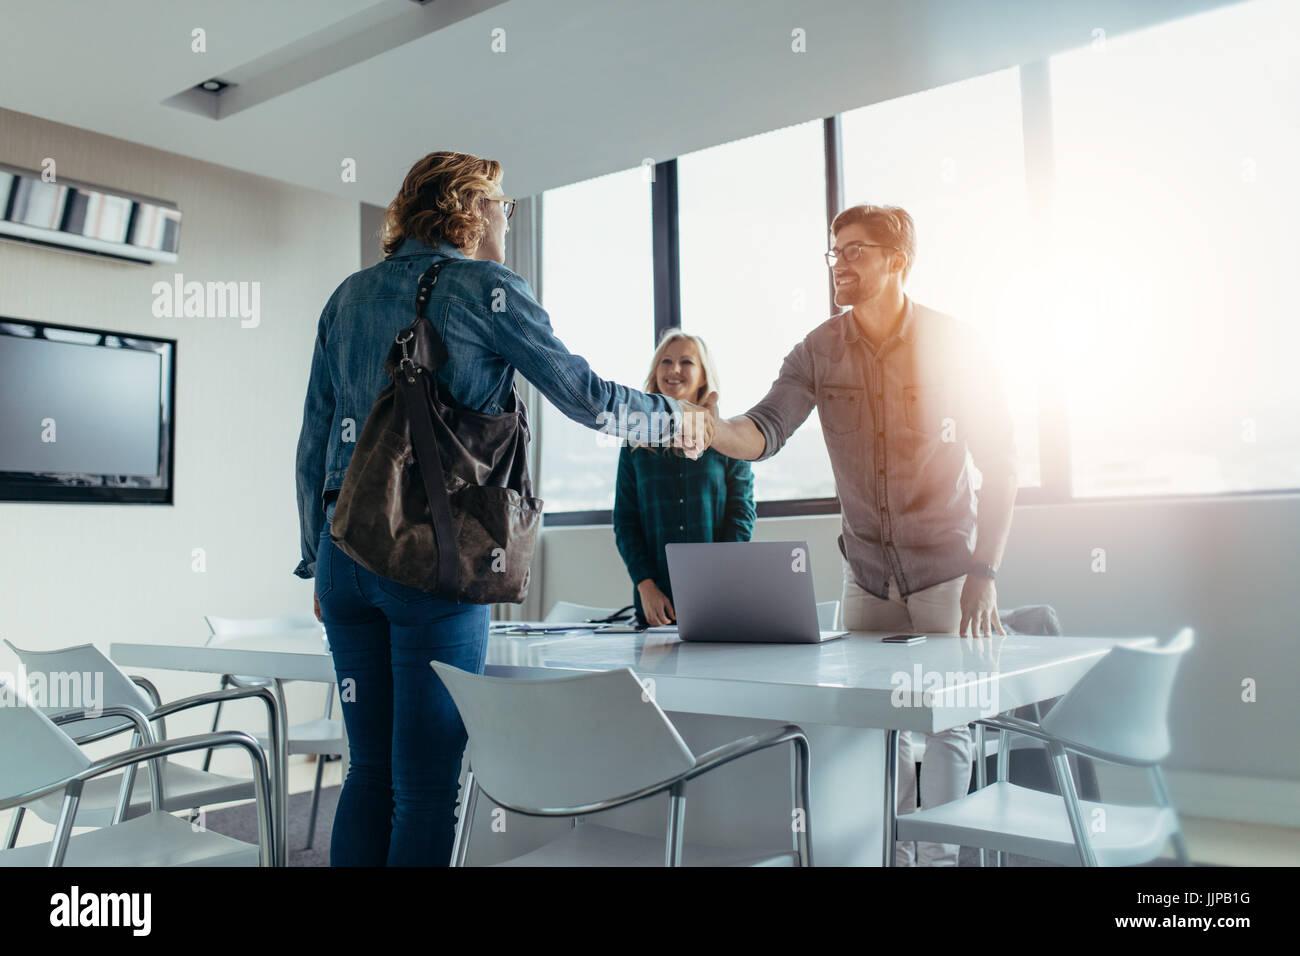 Les gens d'affaires finir une réunion. Man shaking hands with female client après l'affaire. Photo Stock